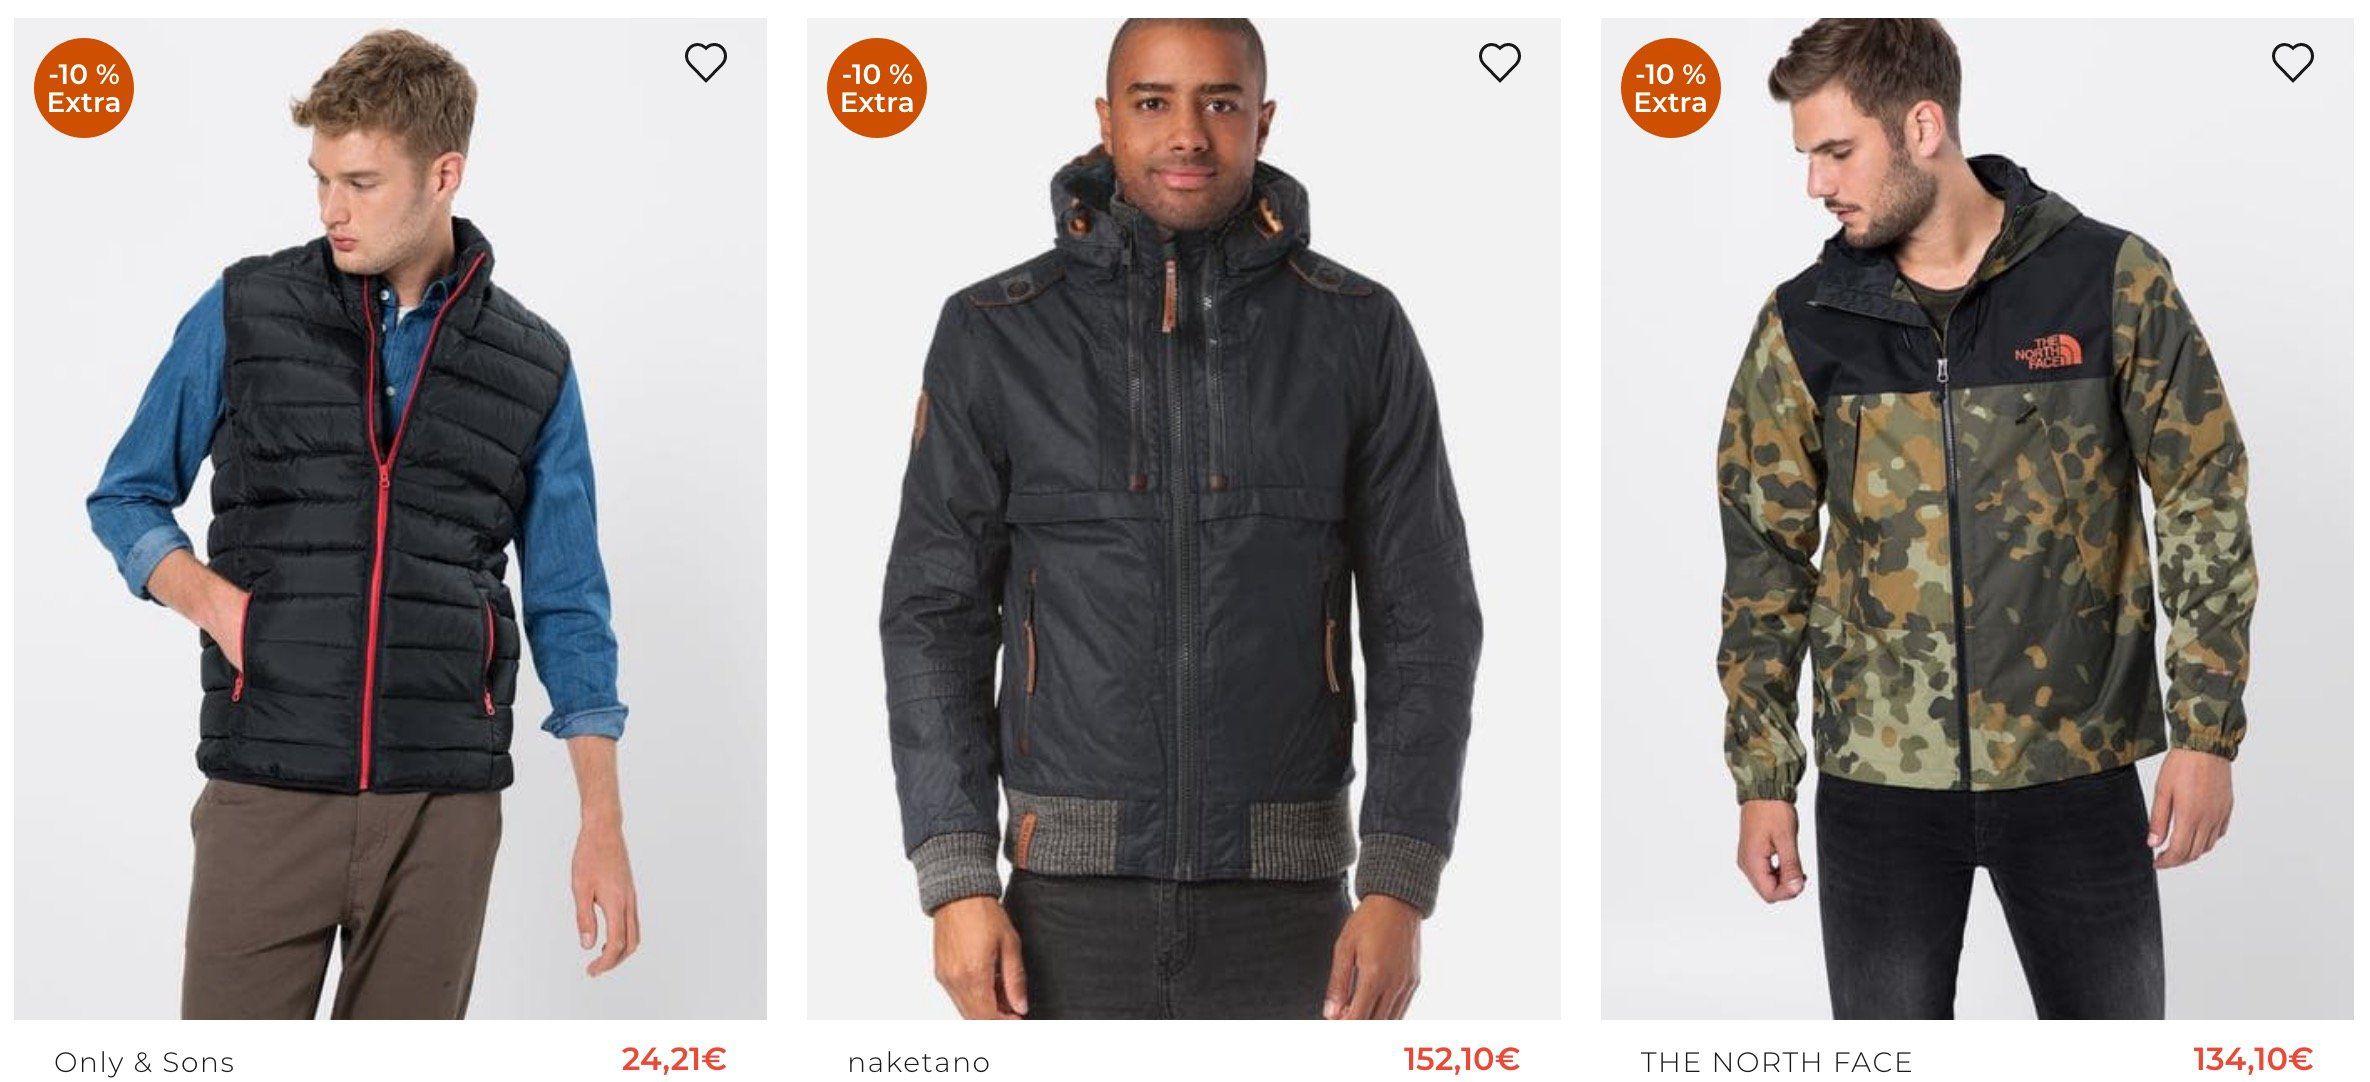 About You 70% Sale + bis zu  20% Extra   günstige Jacken von Naketano oder Schmuddelwedda